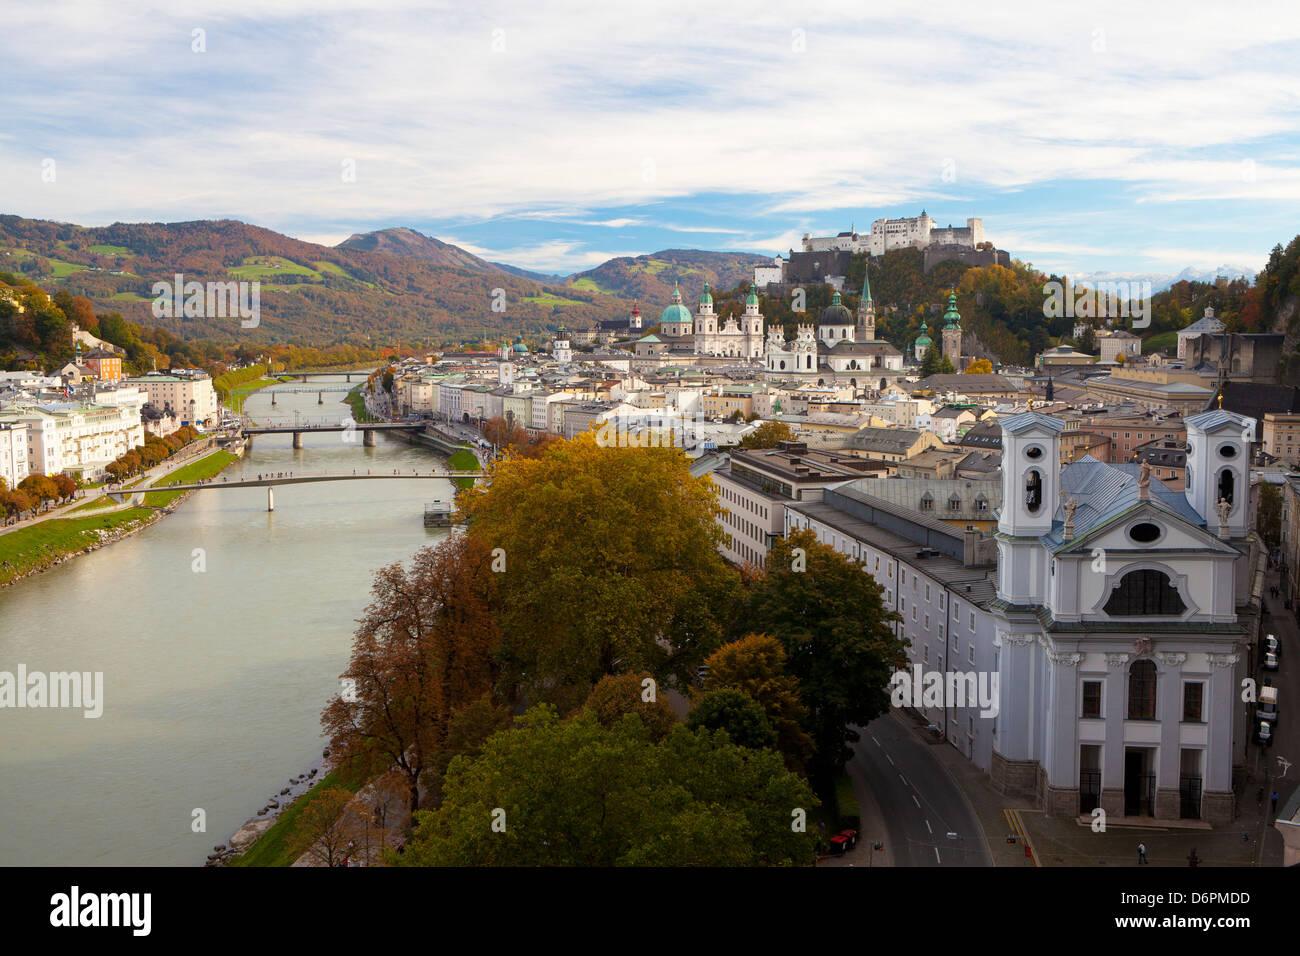 Overview of Salzburg in autumn, Salzburg, Austria, Europe - Stock Image